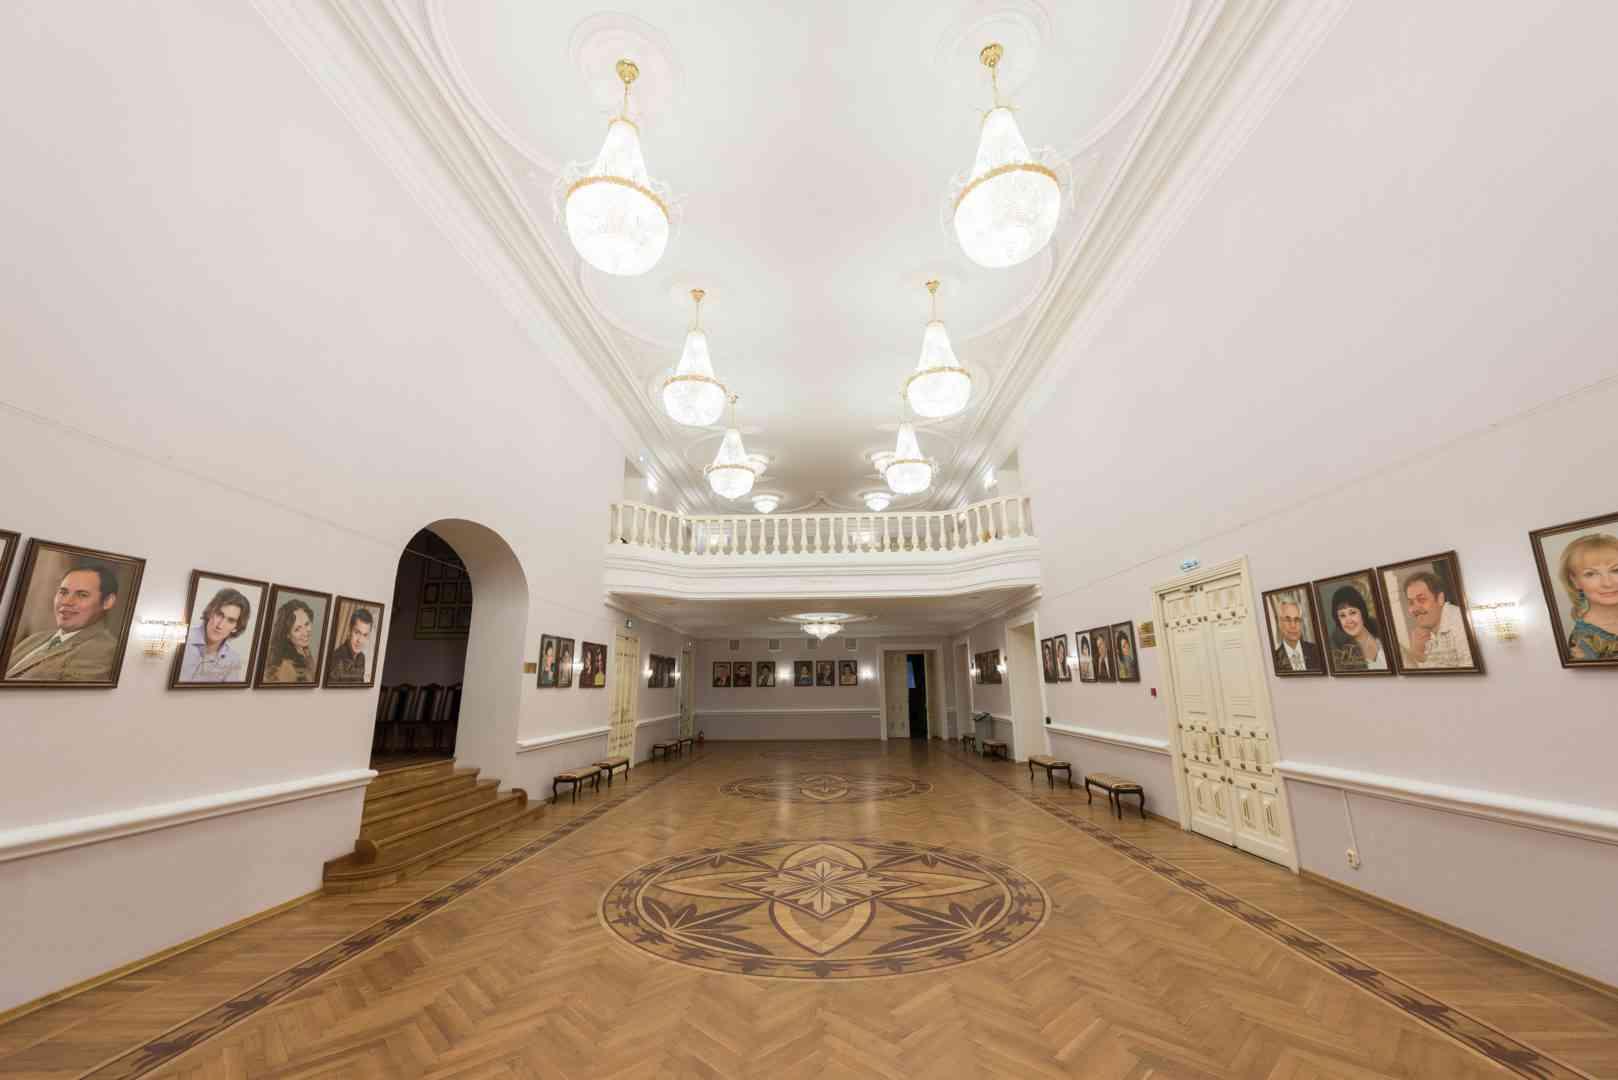 драмтеатр в альметьевске фото зала вот